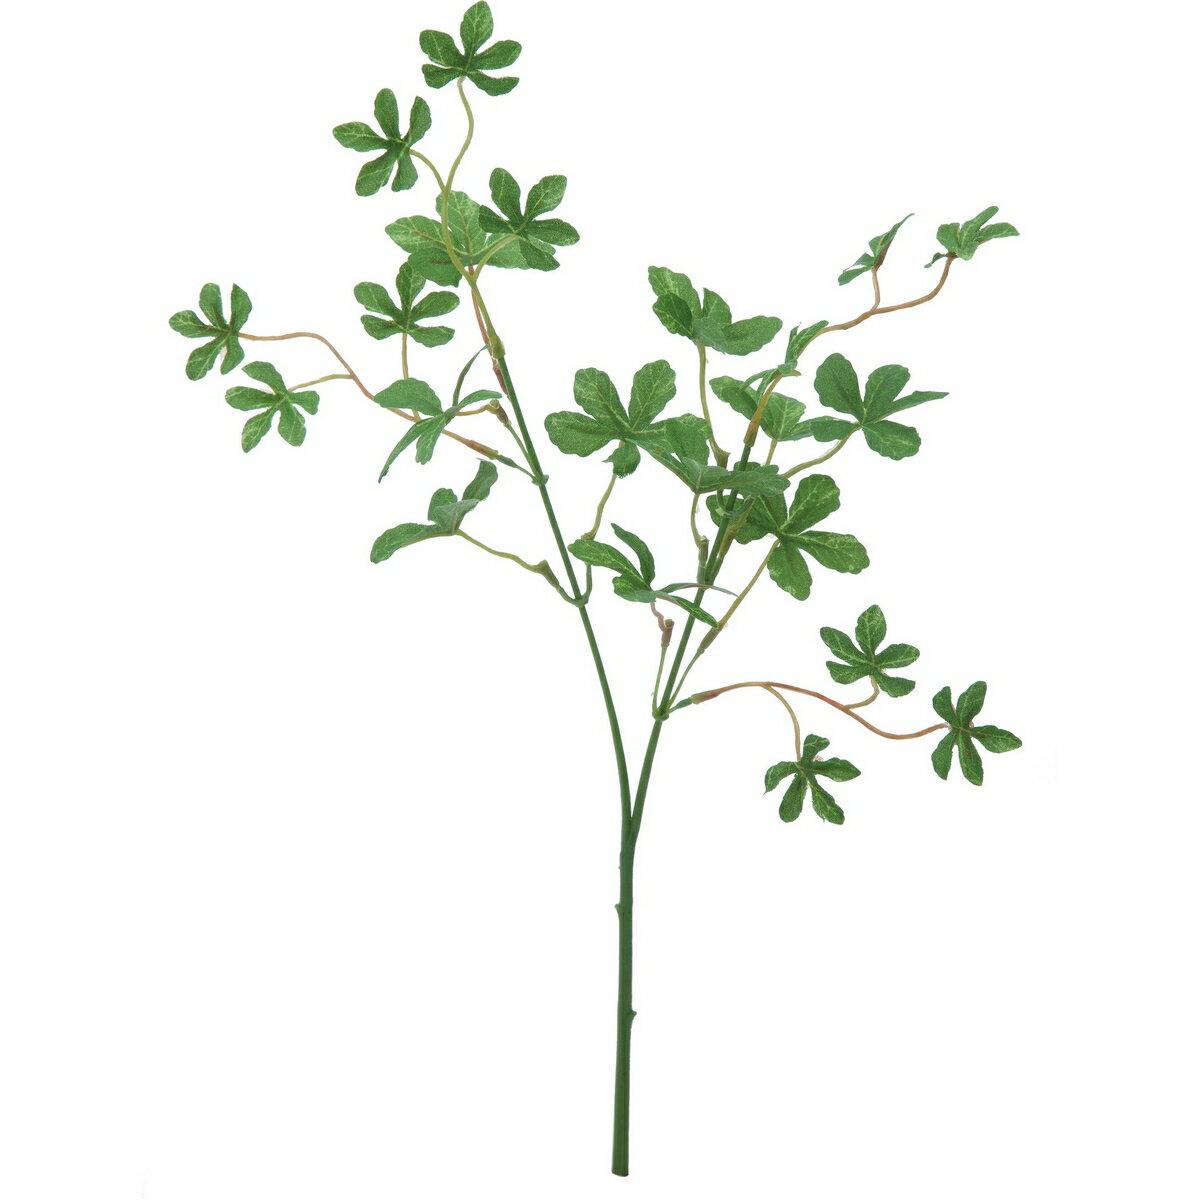 即日★【造花】YDM/シュガーバイン グリーン/FGH-0009-GR《造花(アーティフィシャルフラワー) 造花葉物 シュガーバイン》